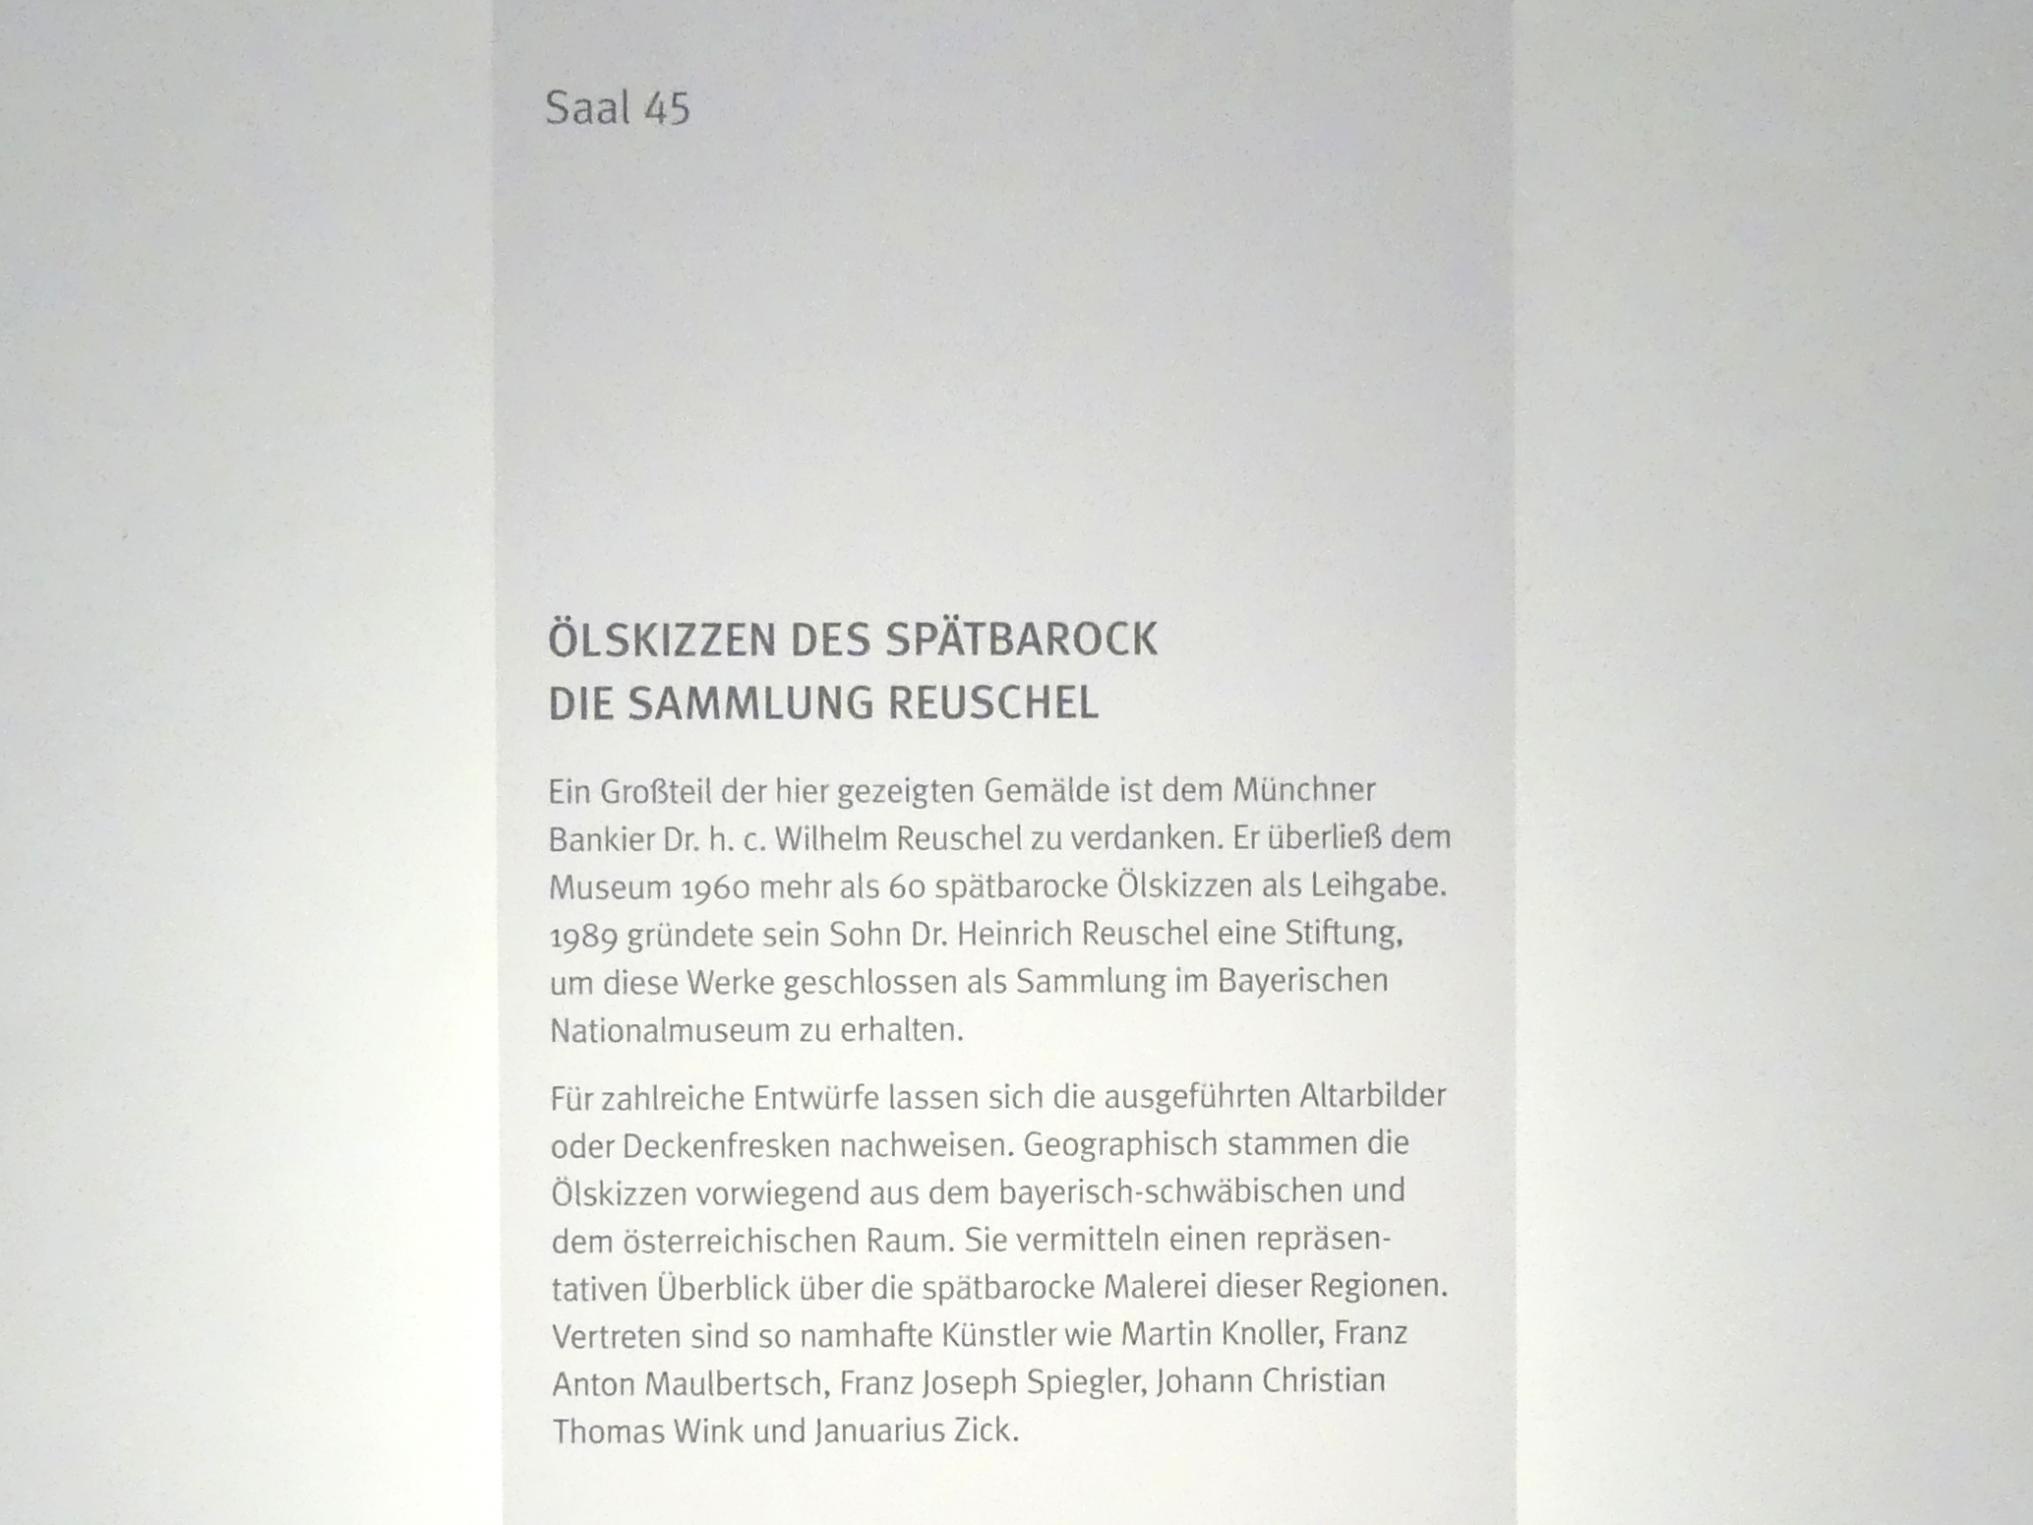 München, Bayerisches Nationalmuseum, Saal 45, Bild 4/4